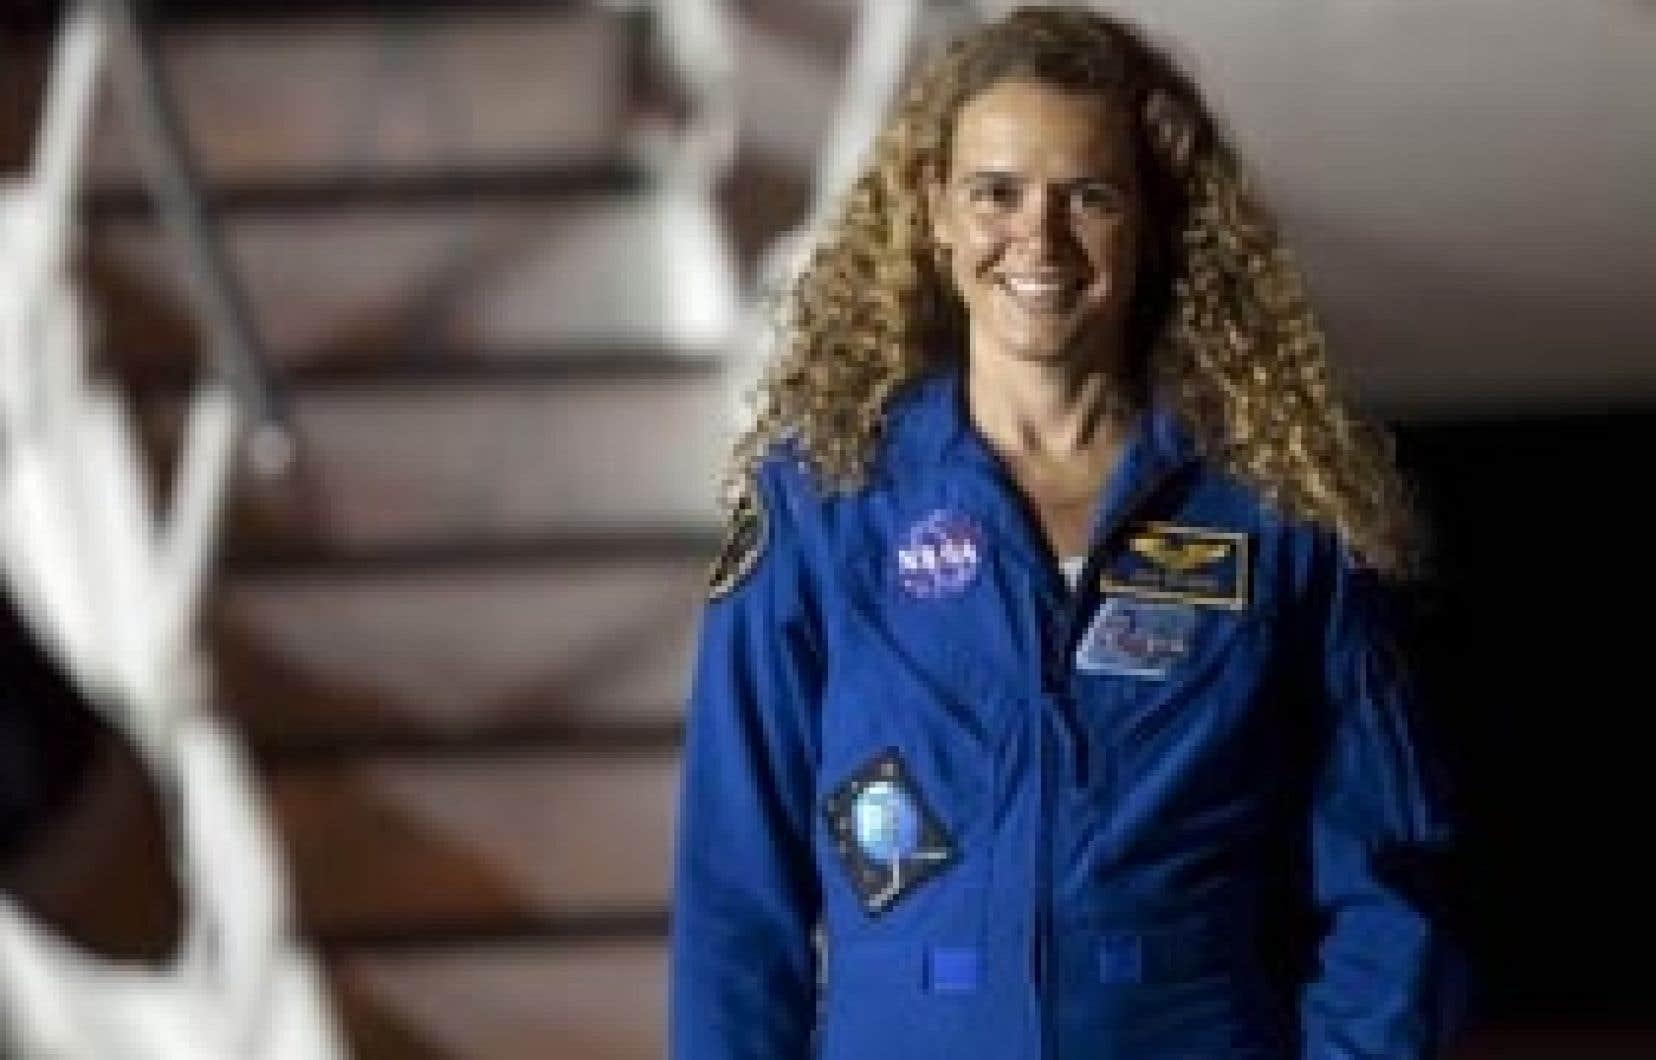 L'astronaute canadienne Julie Payette voyagera à bord de la navette Endeavour pour se rendre à la Station spatiale internationale.